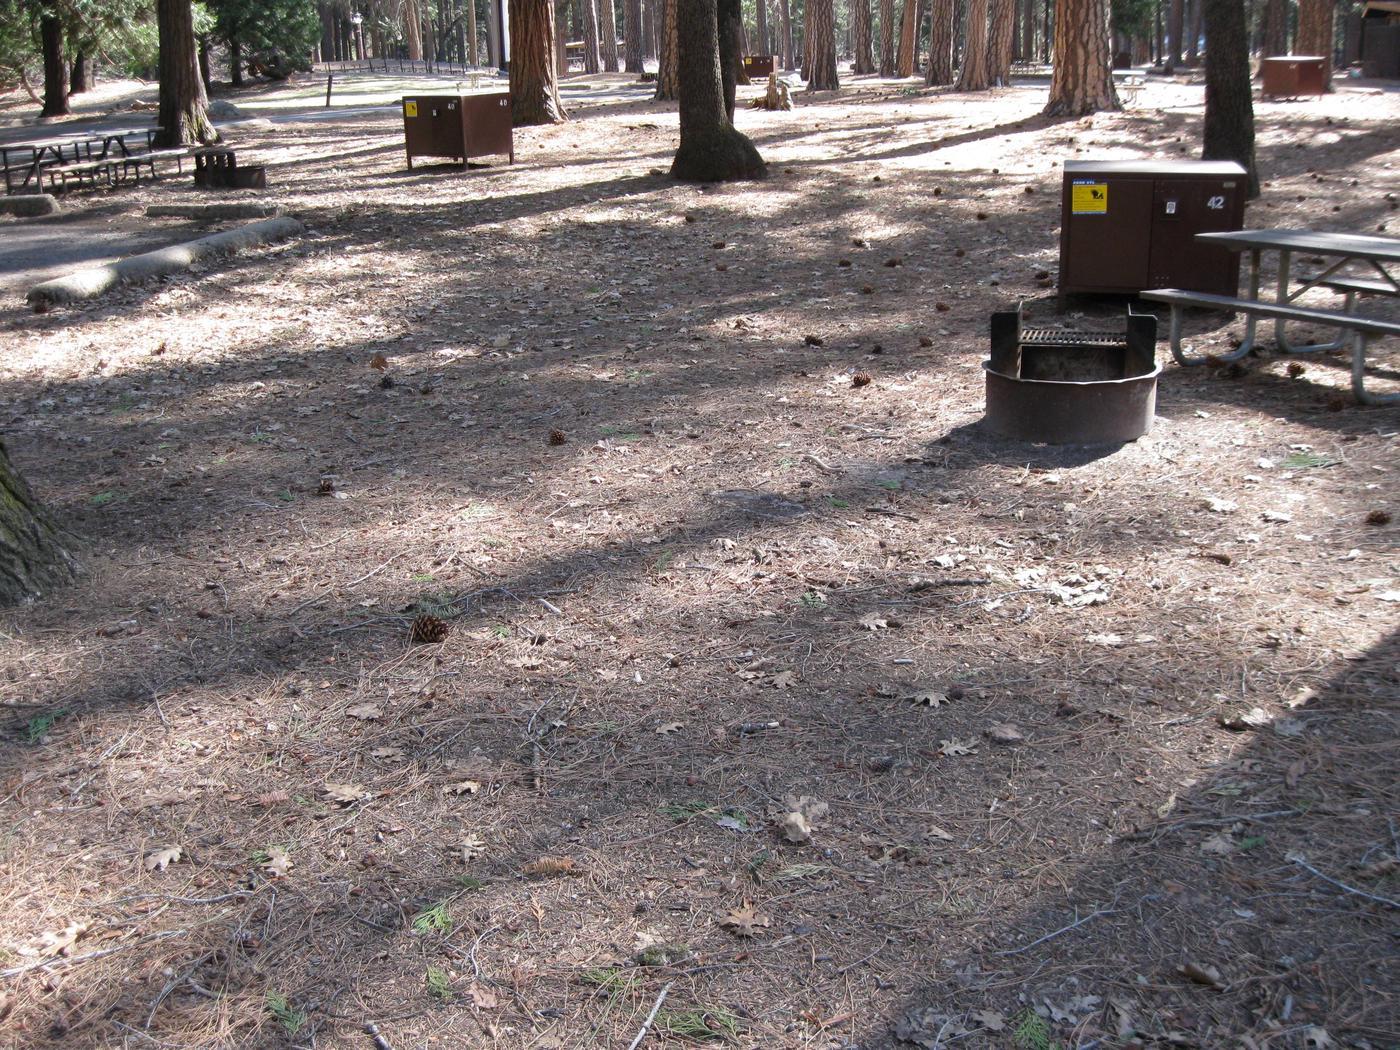 Site 42.